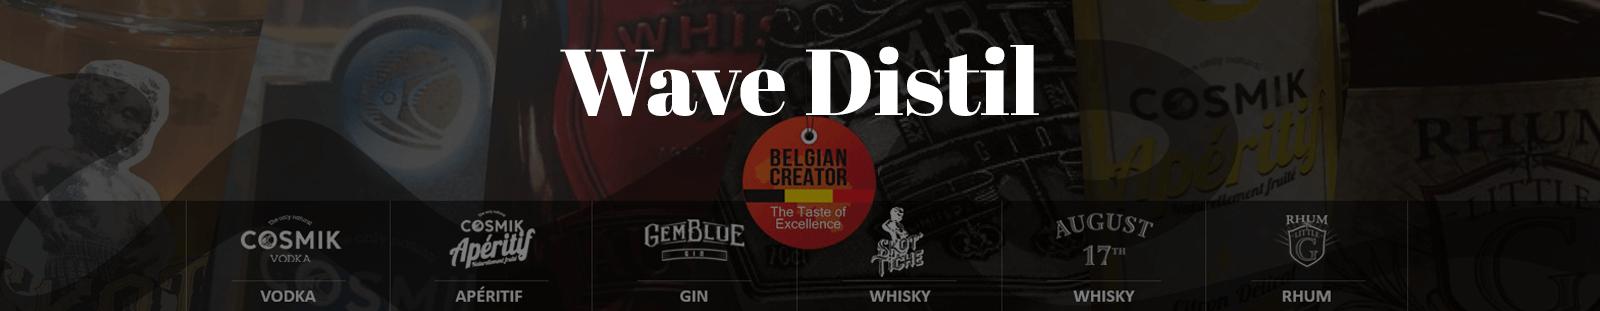 Wave Distil - Distillerie belge